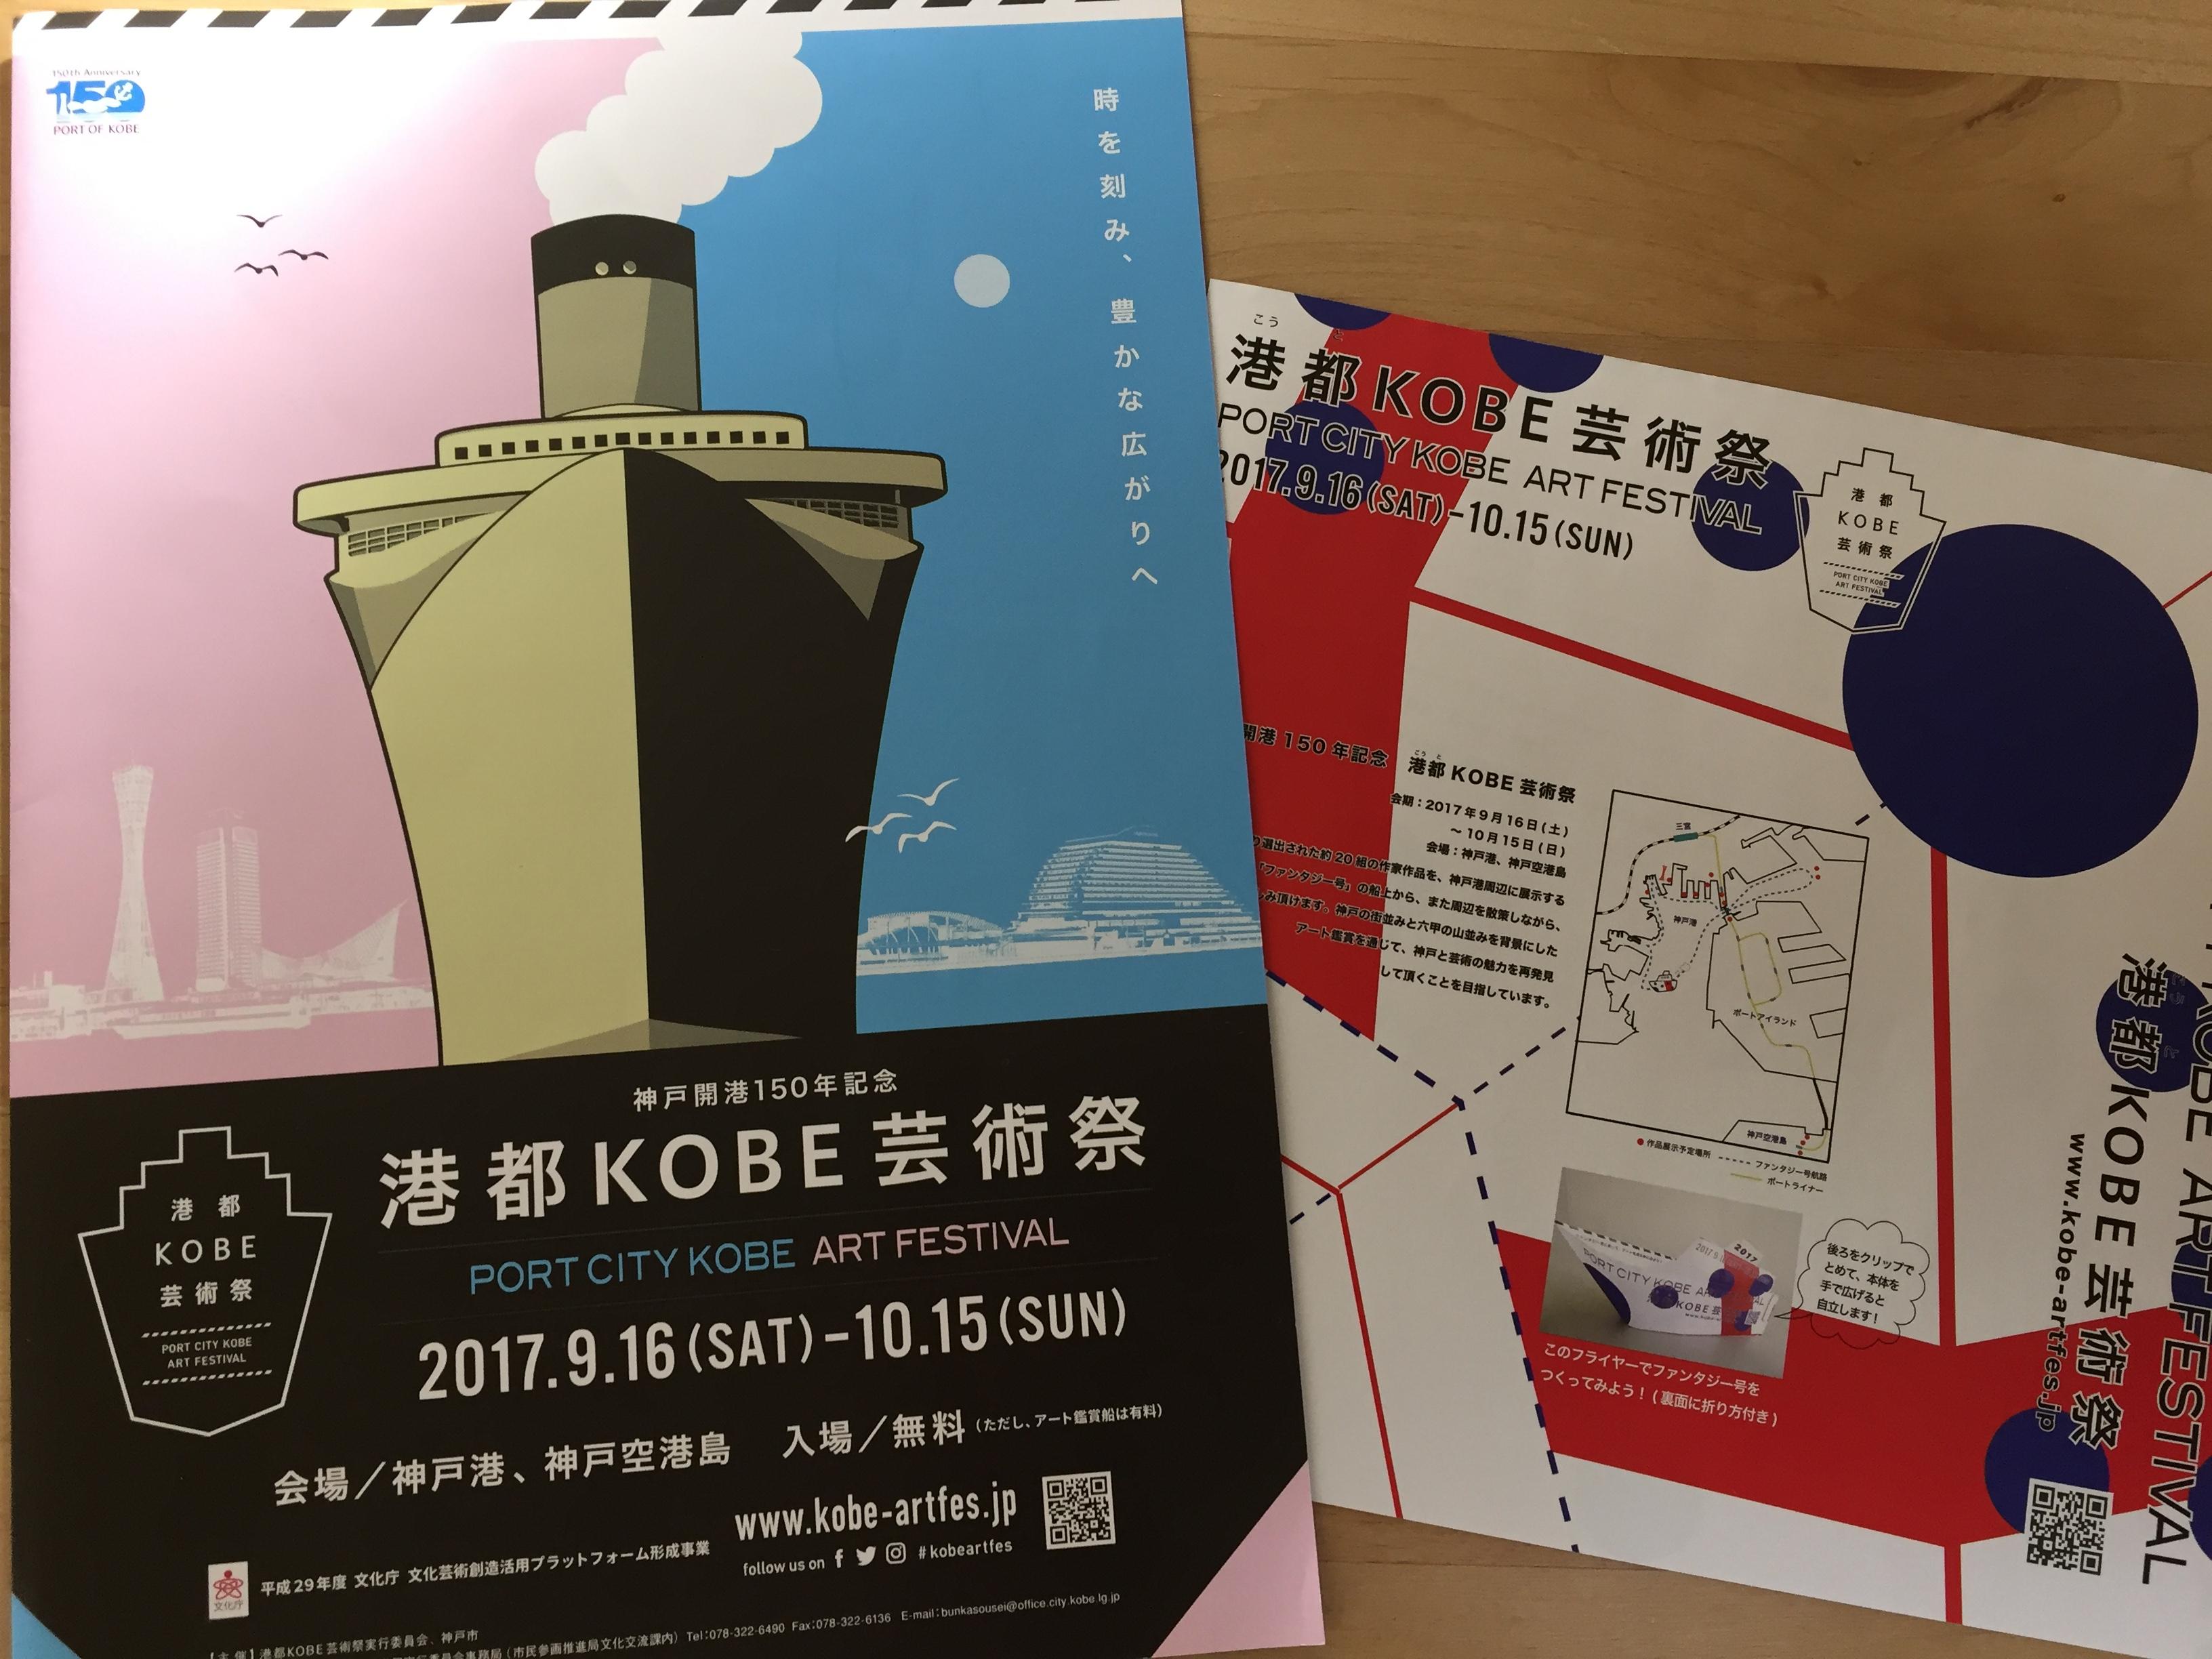 神戸開港150年記念 「港都KOBE芸術祭」が9/16~10/15まで開催されるよ #港都KOBE芸術祭 #神戸開港150年